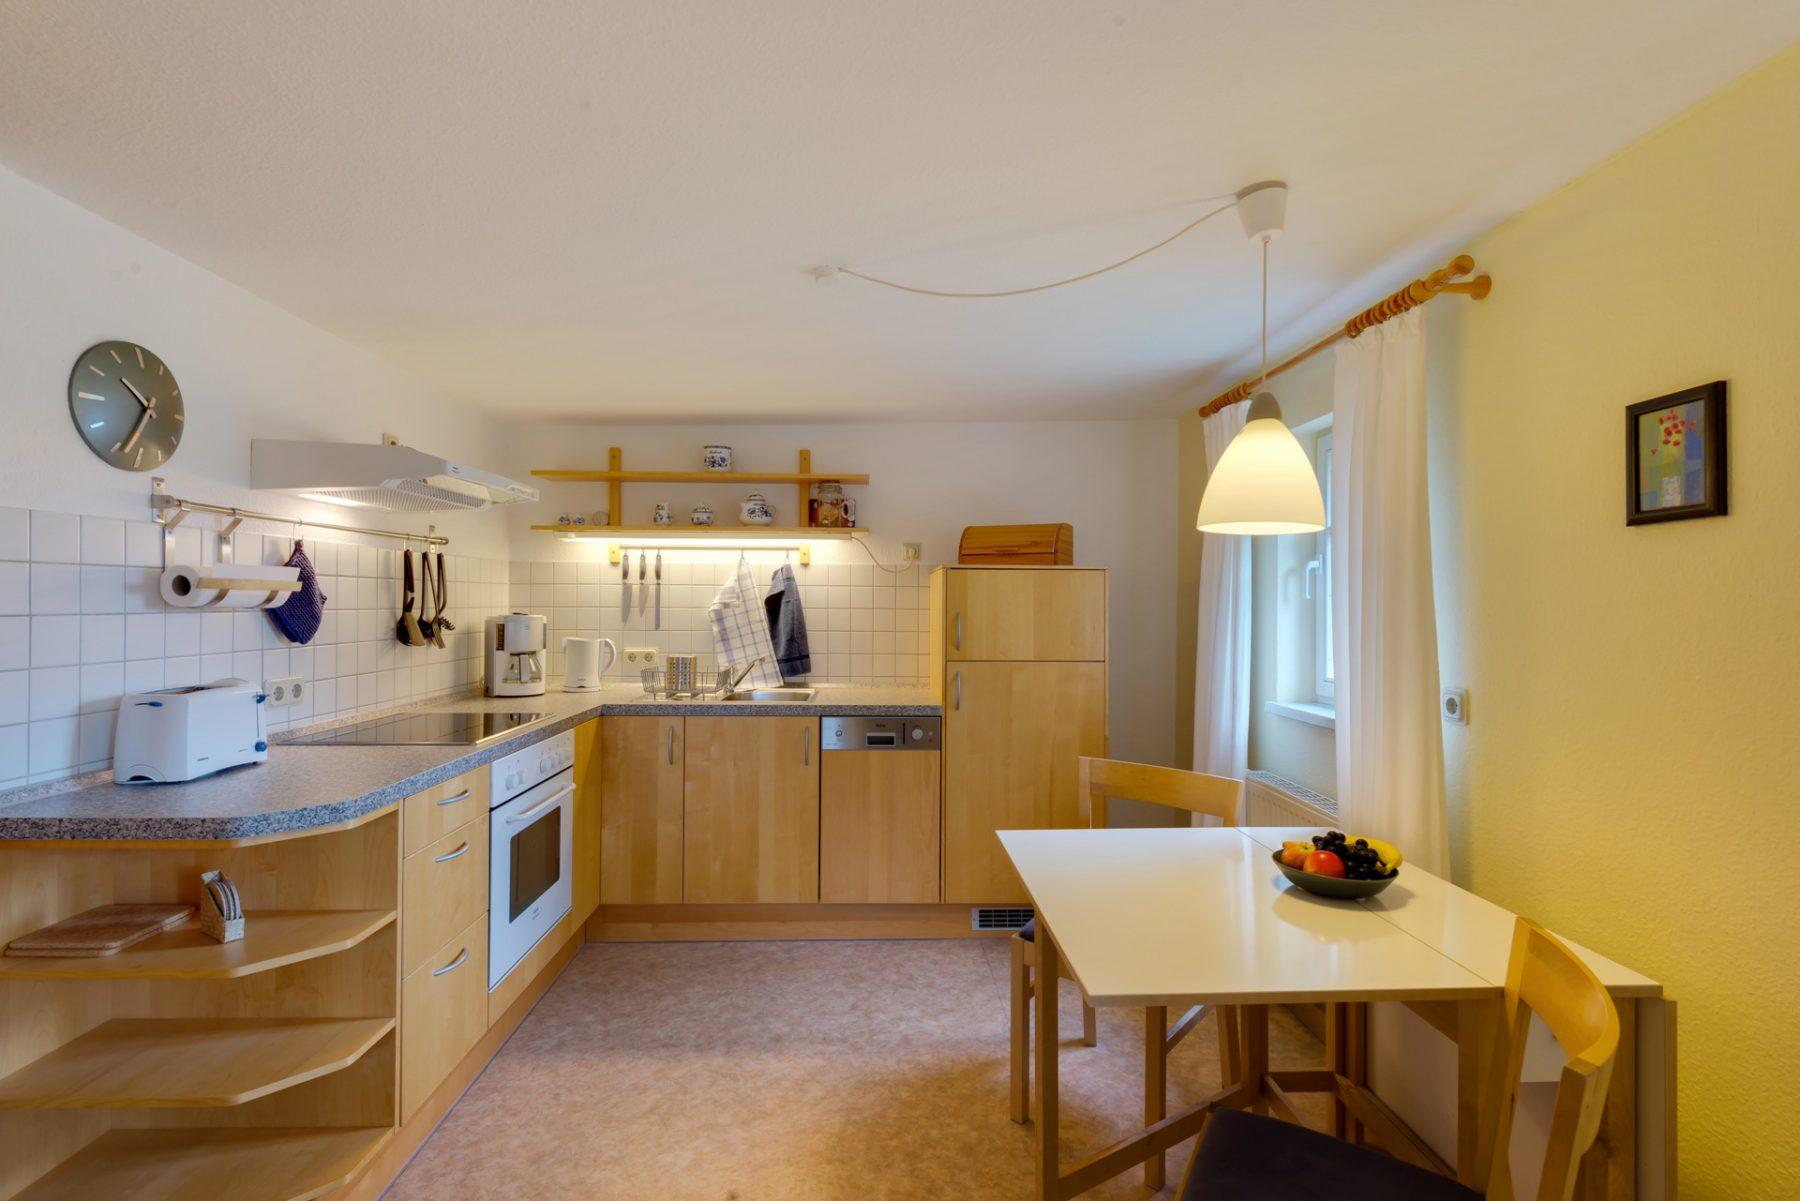 Ferienwohnung im Verlegerhaus Seiffen Kategorie N1d Küche